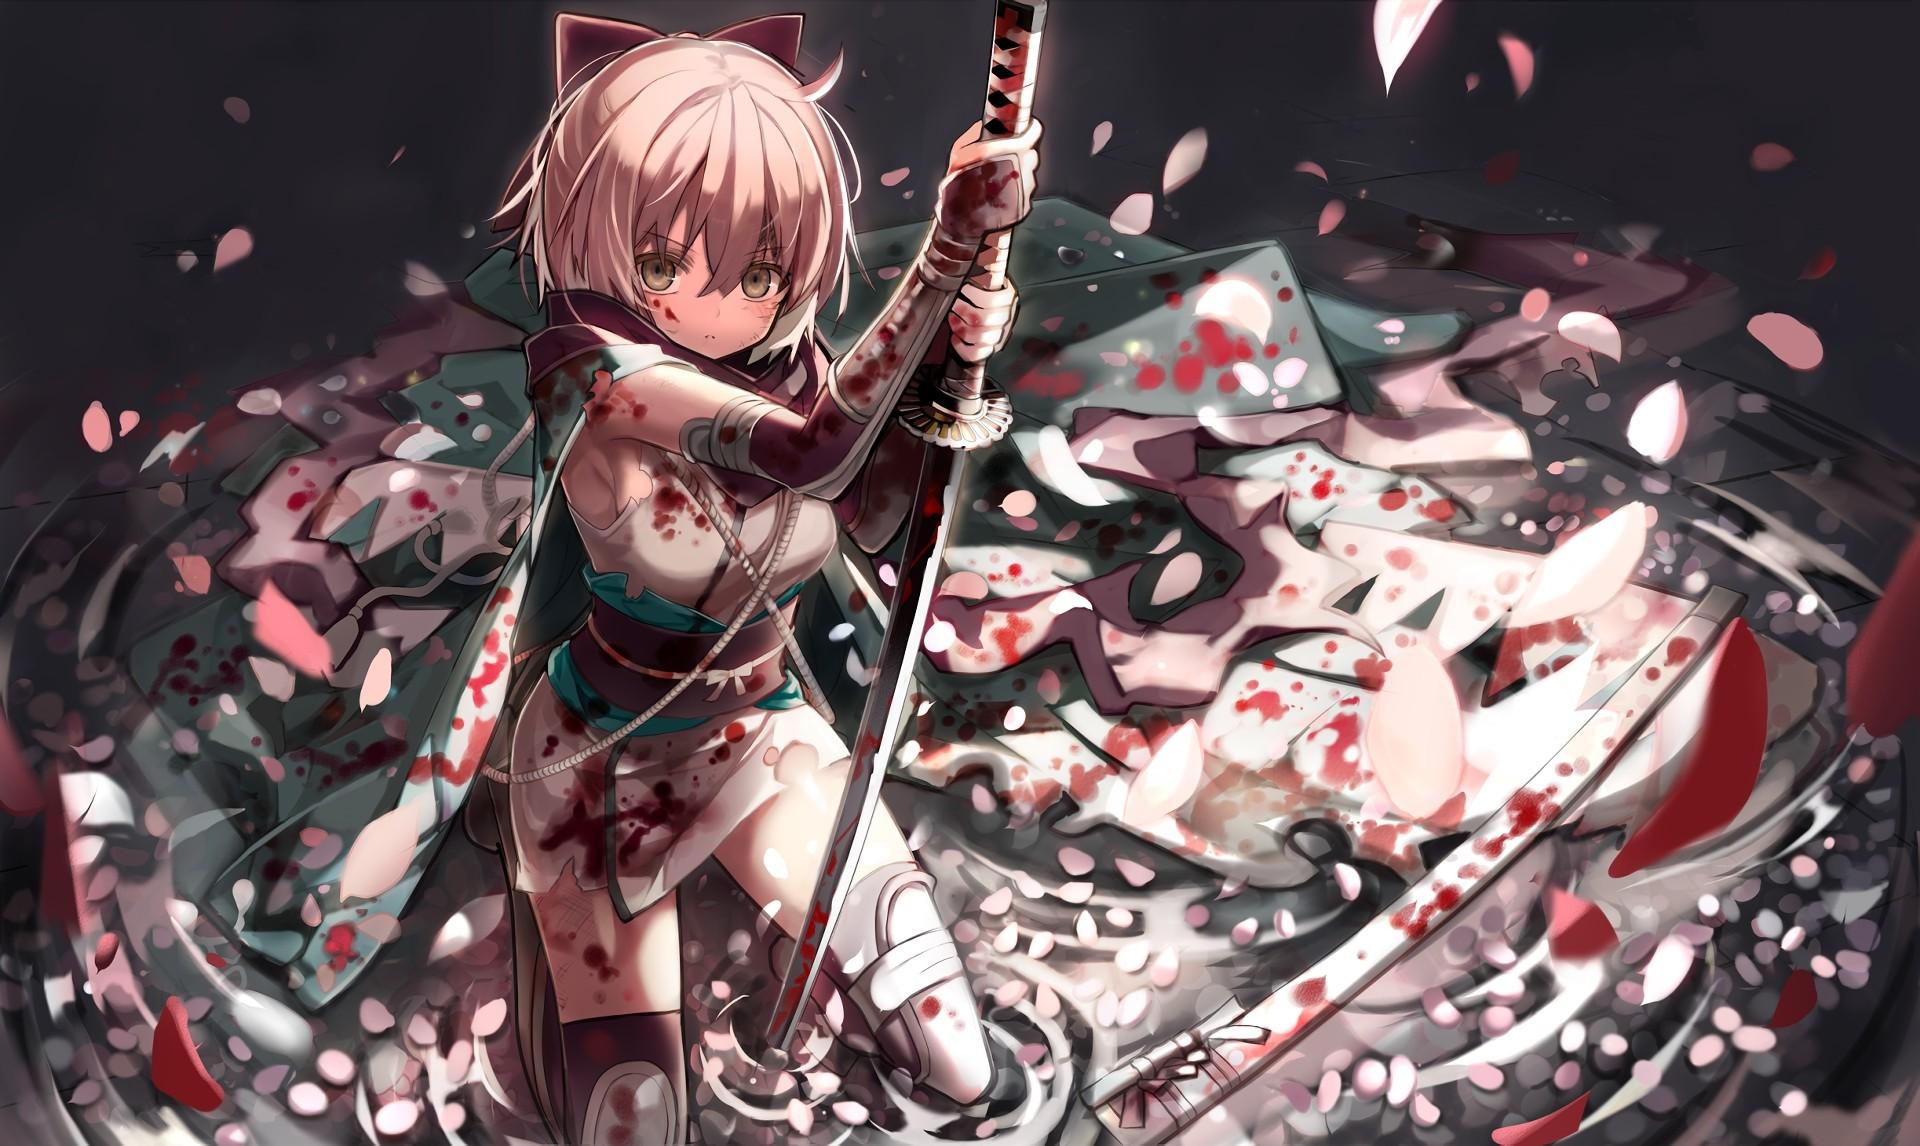 Anime 1920x1146 blonde blood Fate/Grand Order Fate Series katana petals Saber Sakura Saber short hair sword weapon yellow eyes